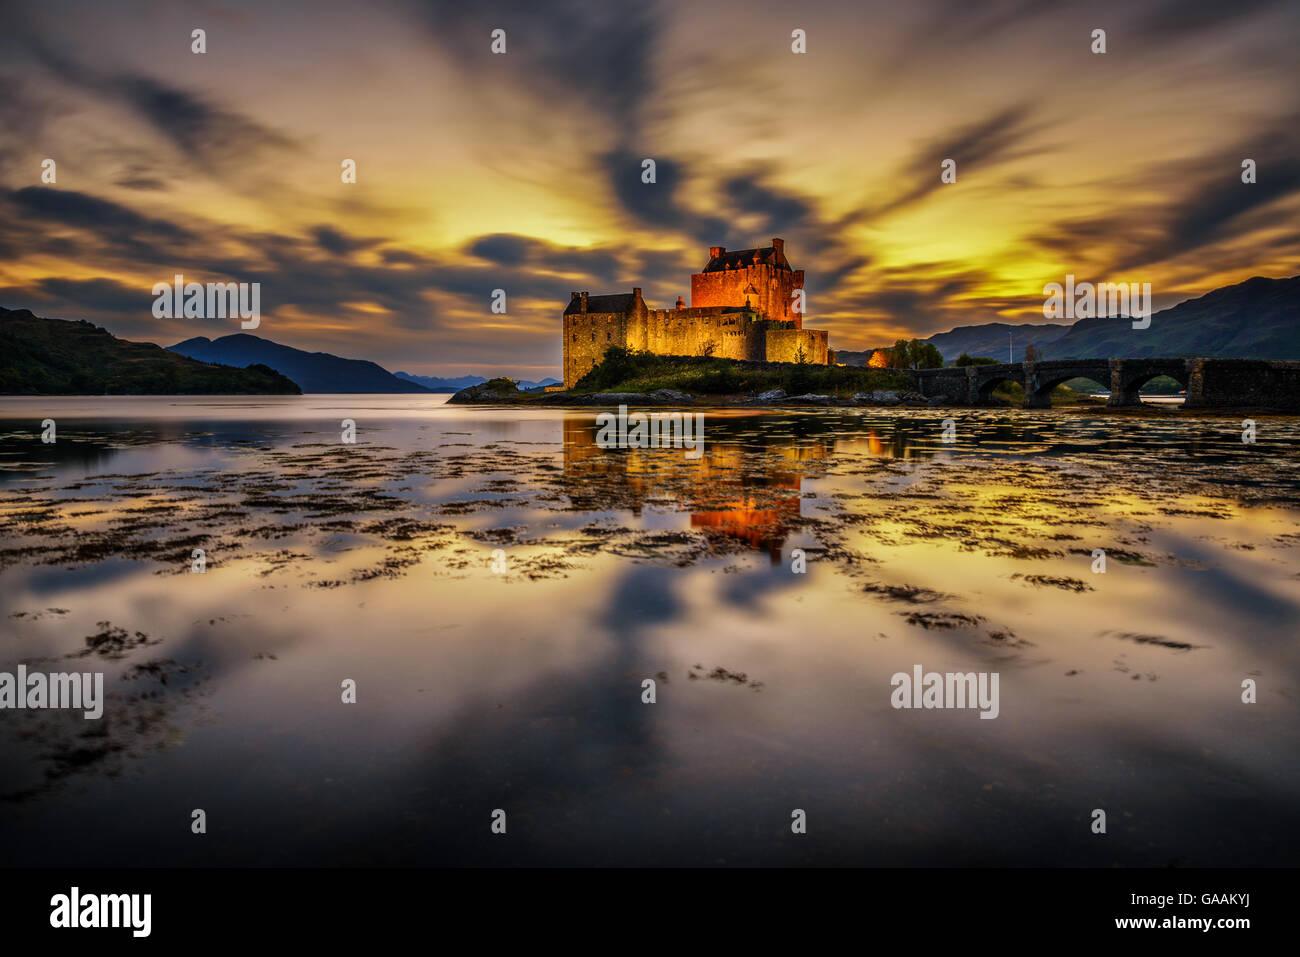 Atardecer en el castillo de Eilean Donan, Escocia, Reino Unido. La larga exposición. Imagen De Stock